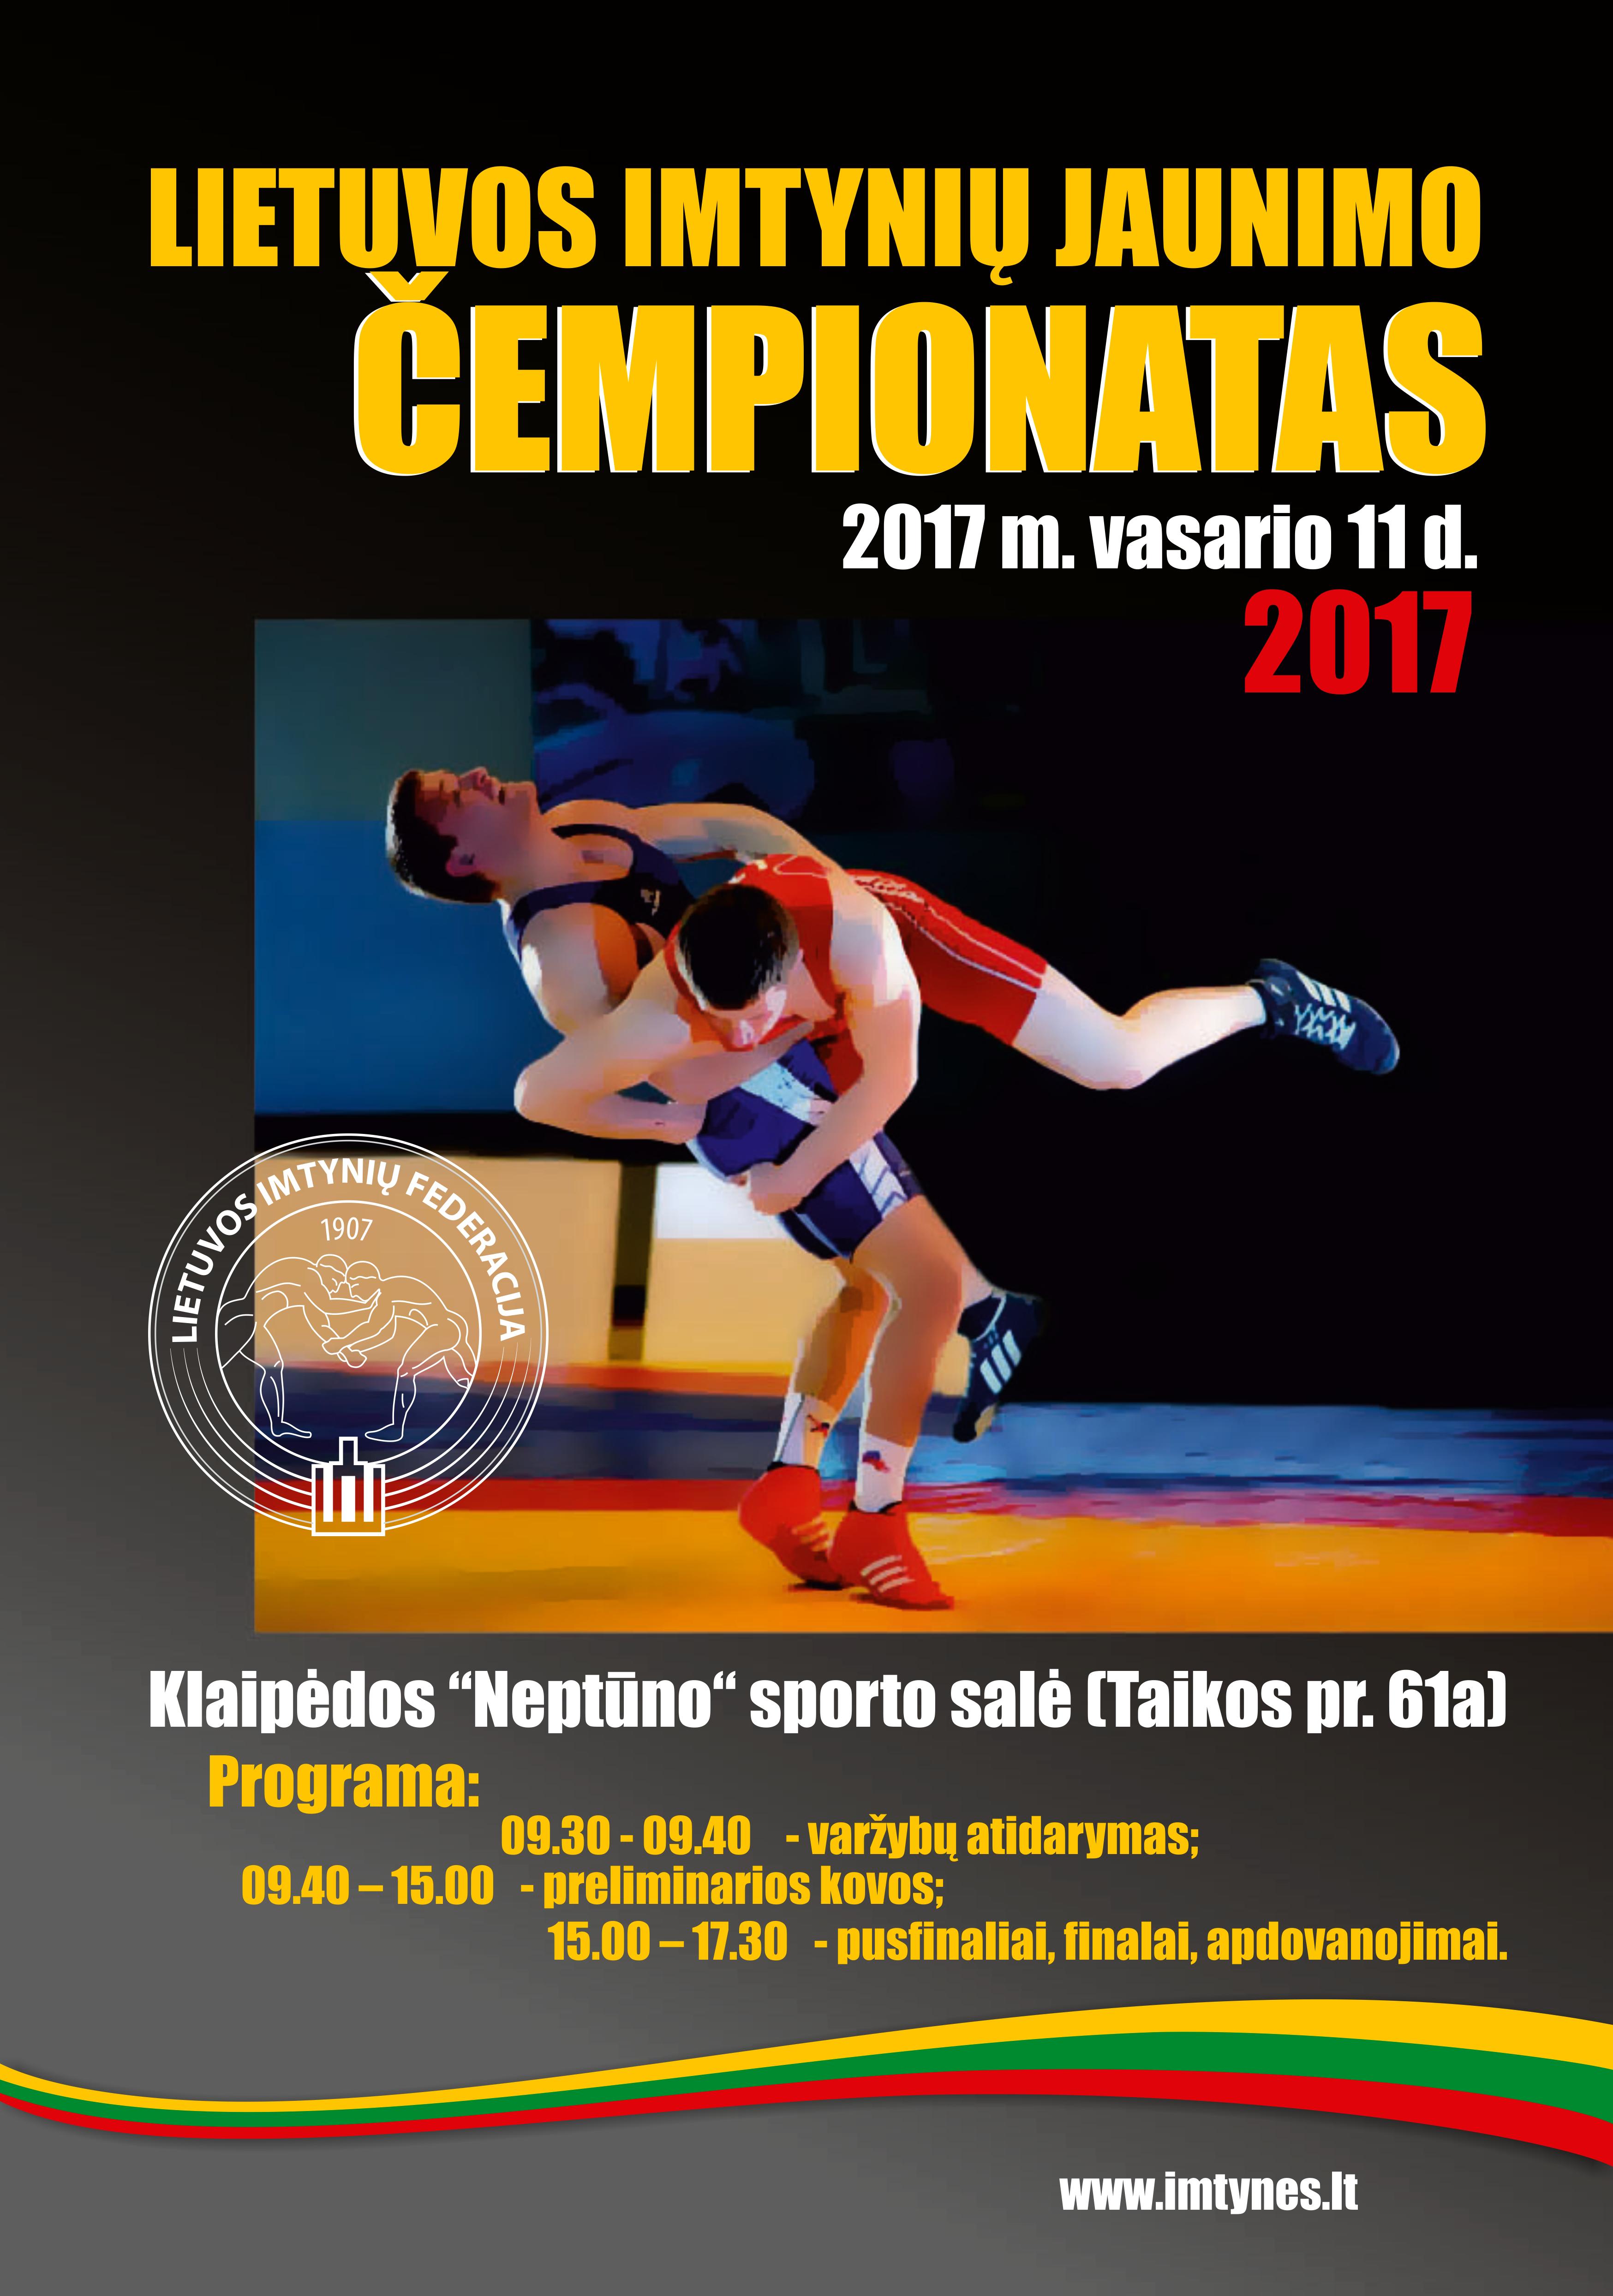 2017 m. LIETUVOS IMTYNIŲ JAUNIMO ČEMPIONATAS